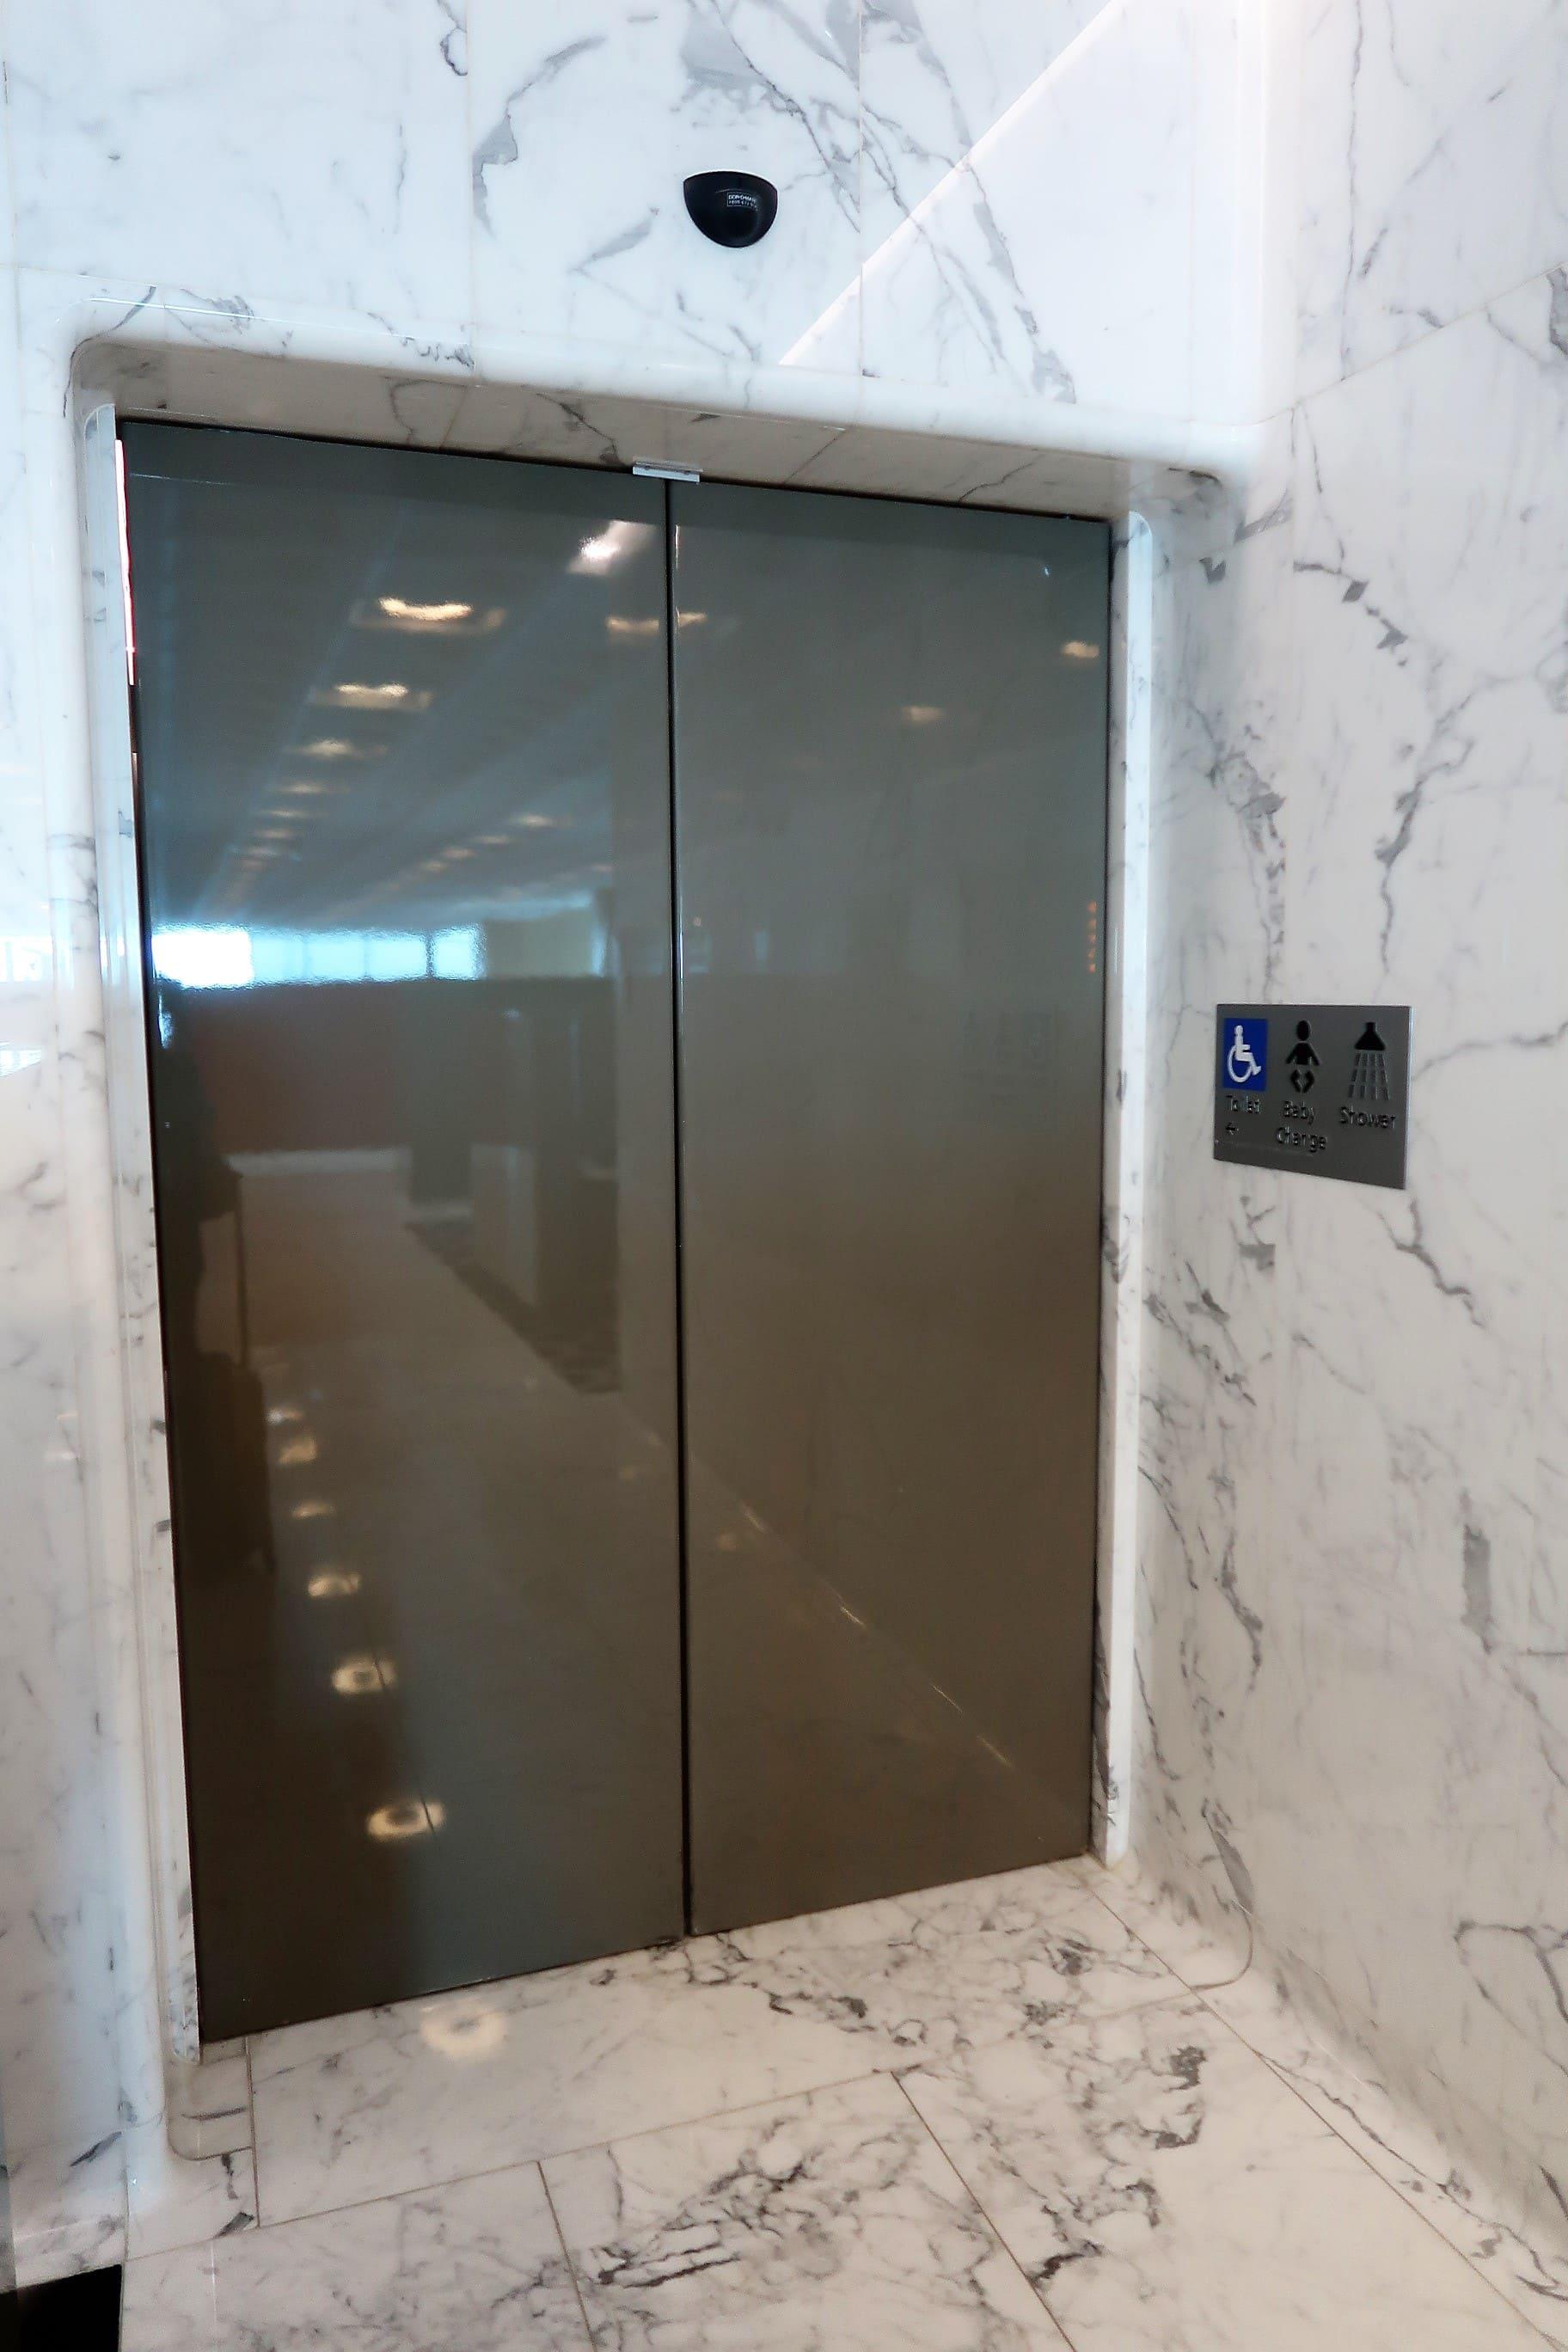 qantas spa melbourne entry